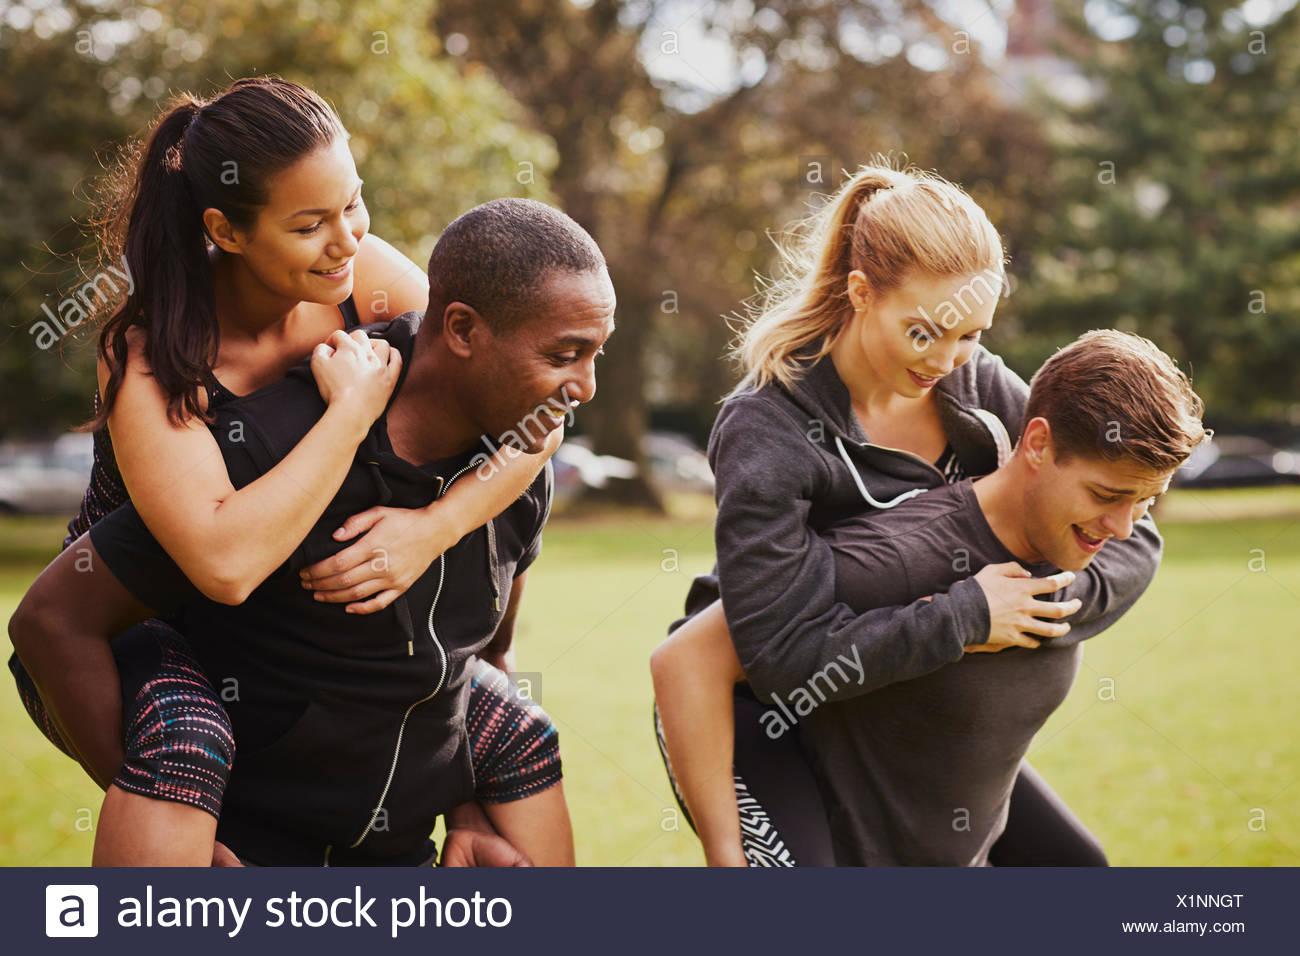 Männer und Frauen, die Spaß im Park, mit Huckepack-Rennen training Stockbild